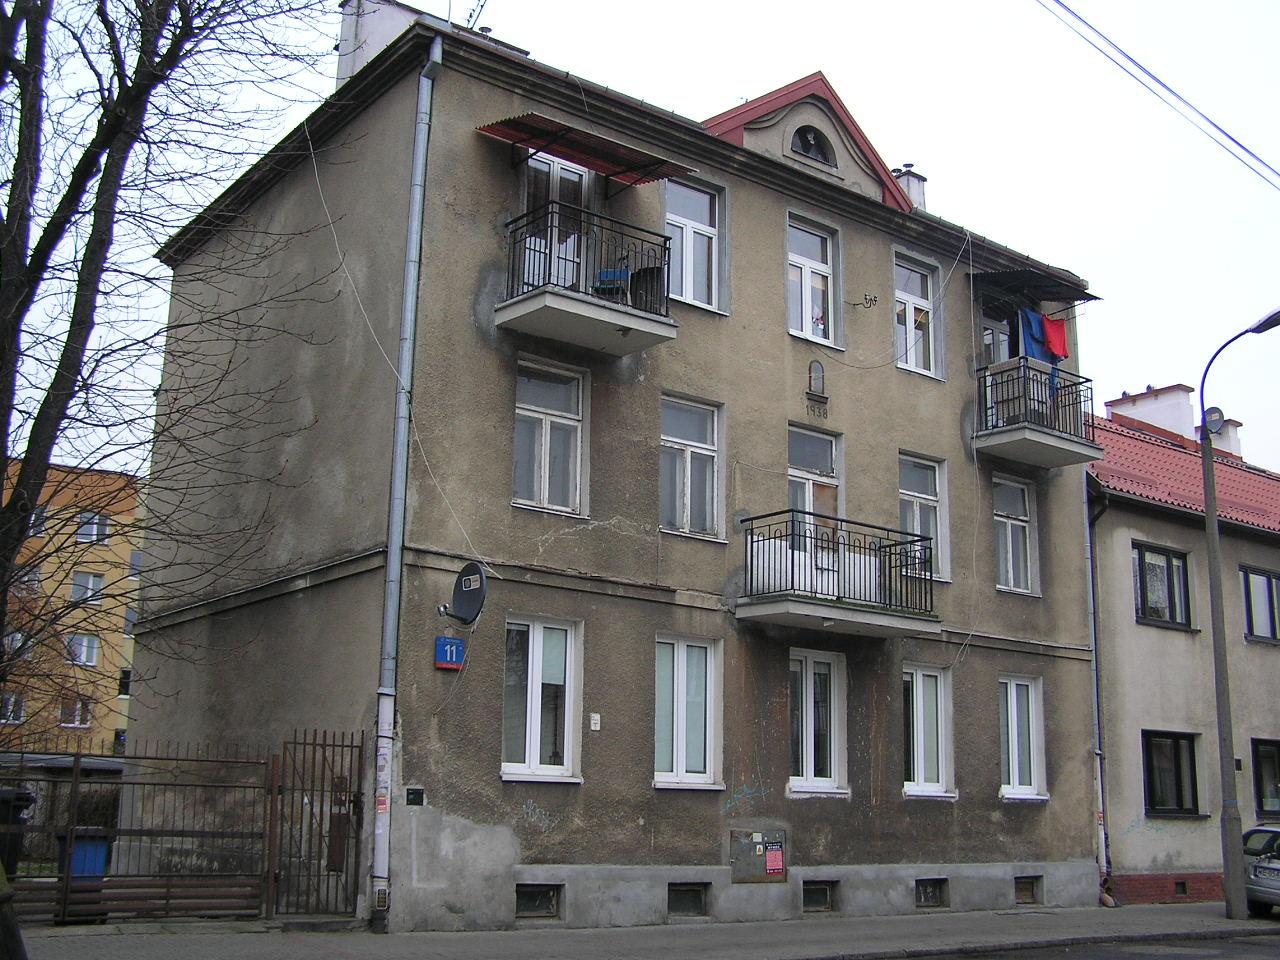 Kamienica przy ulicy Hetmańskej 11 na Grochowie